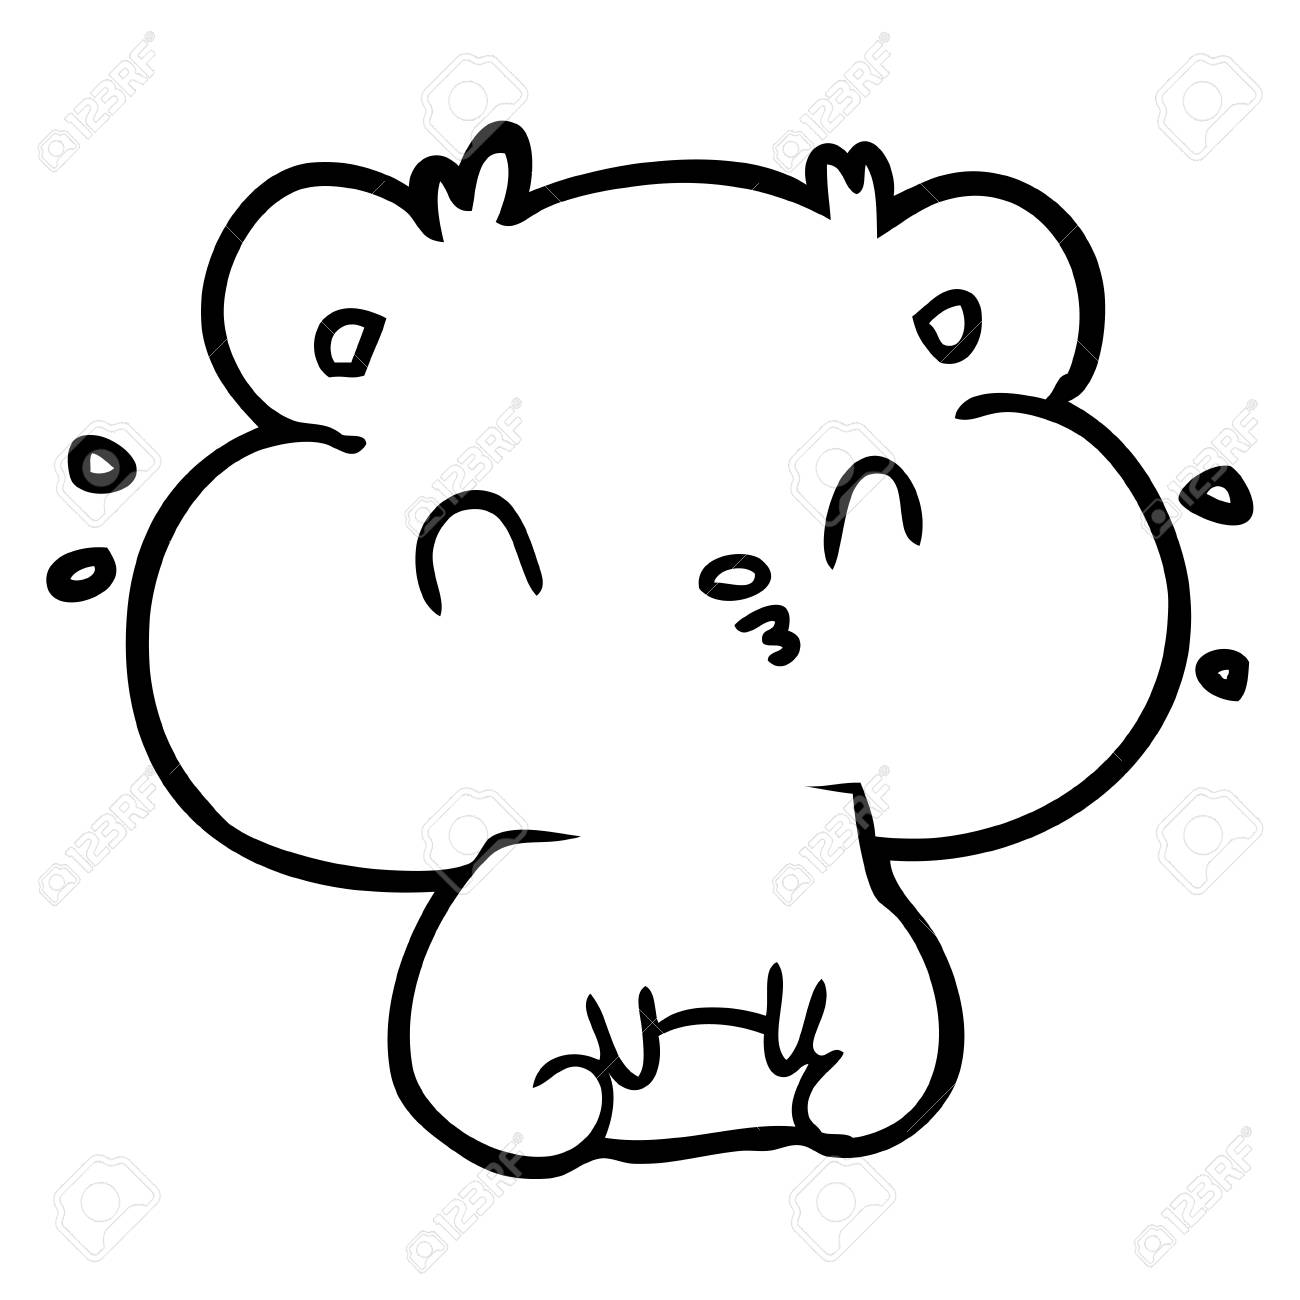 Dessin De Ligne D 39 Un Hamster Avec Trois Patins A Champagne Vecteur Clip Art Libres De Droits Vecteurs Et Illustration Image 95046481